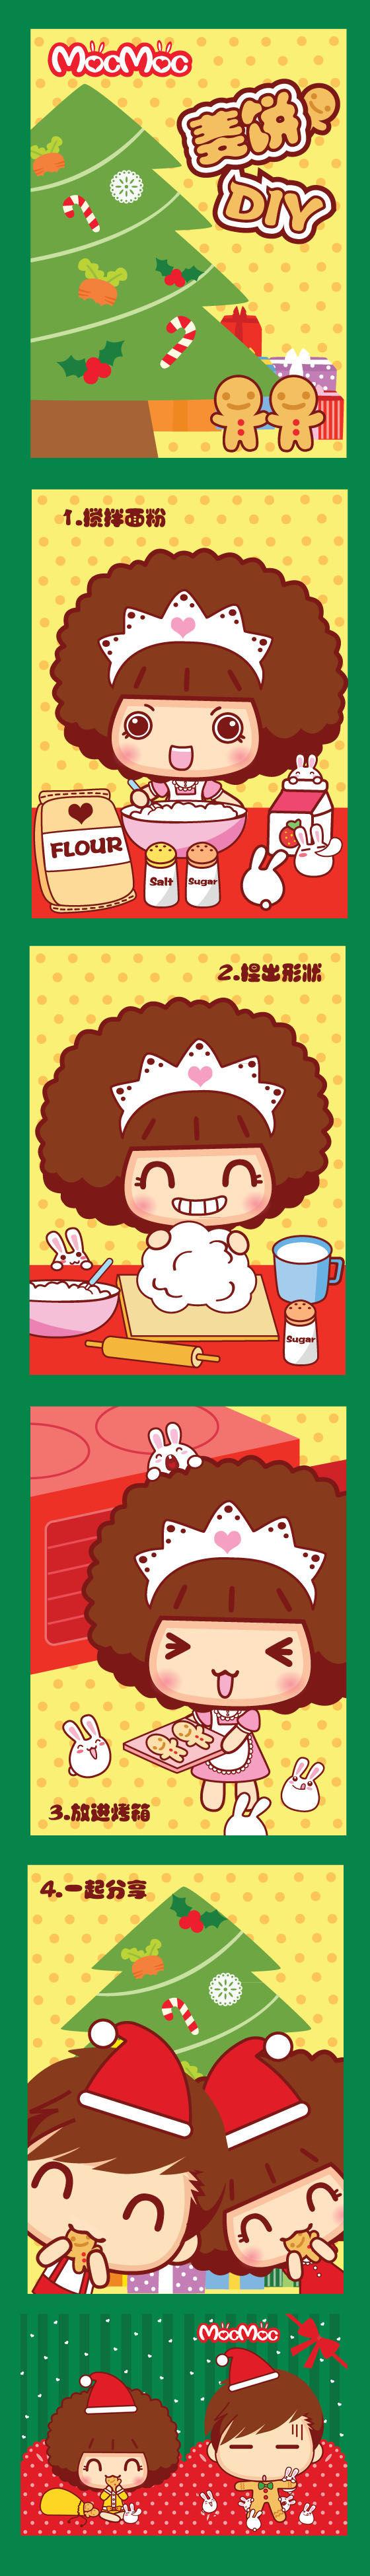 摩丝摩丝圣诞漫画.jpg